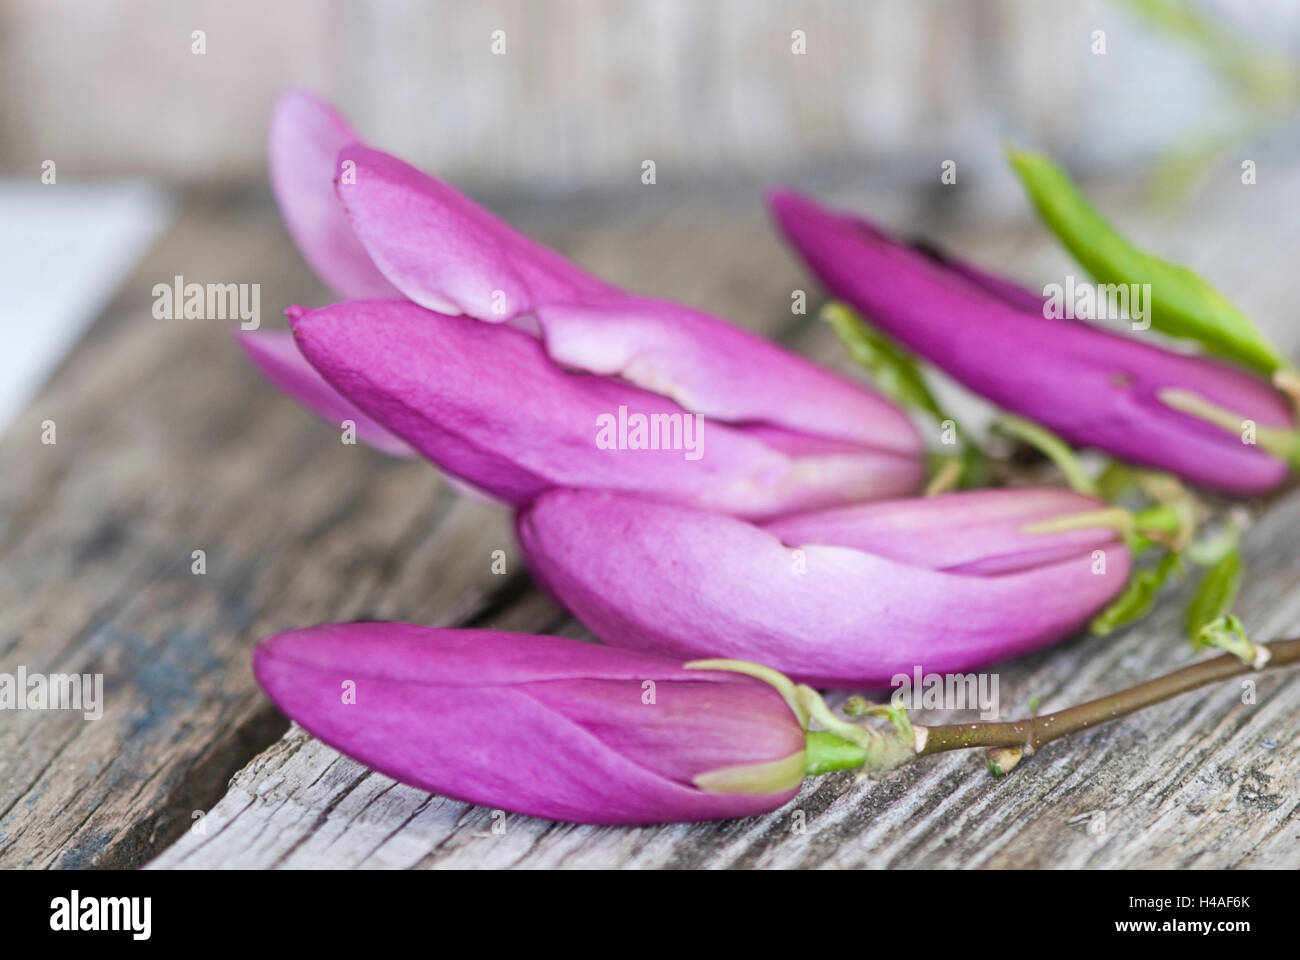 Magnolia, blossoms, buds, magenta - Stock Image